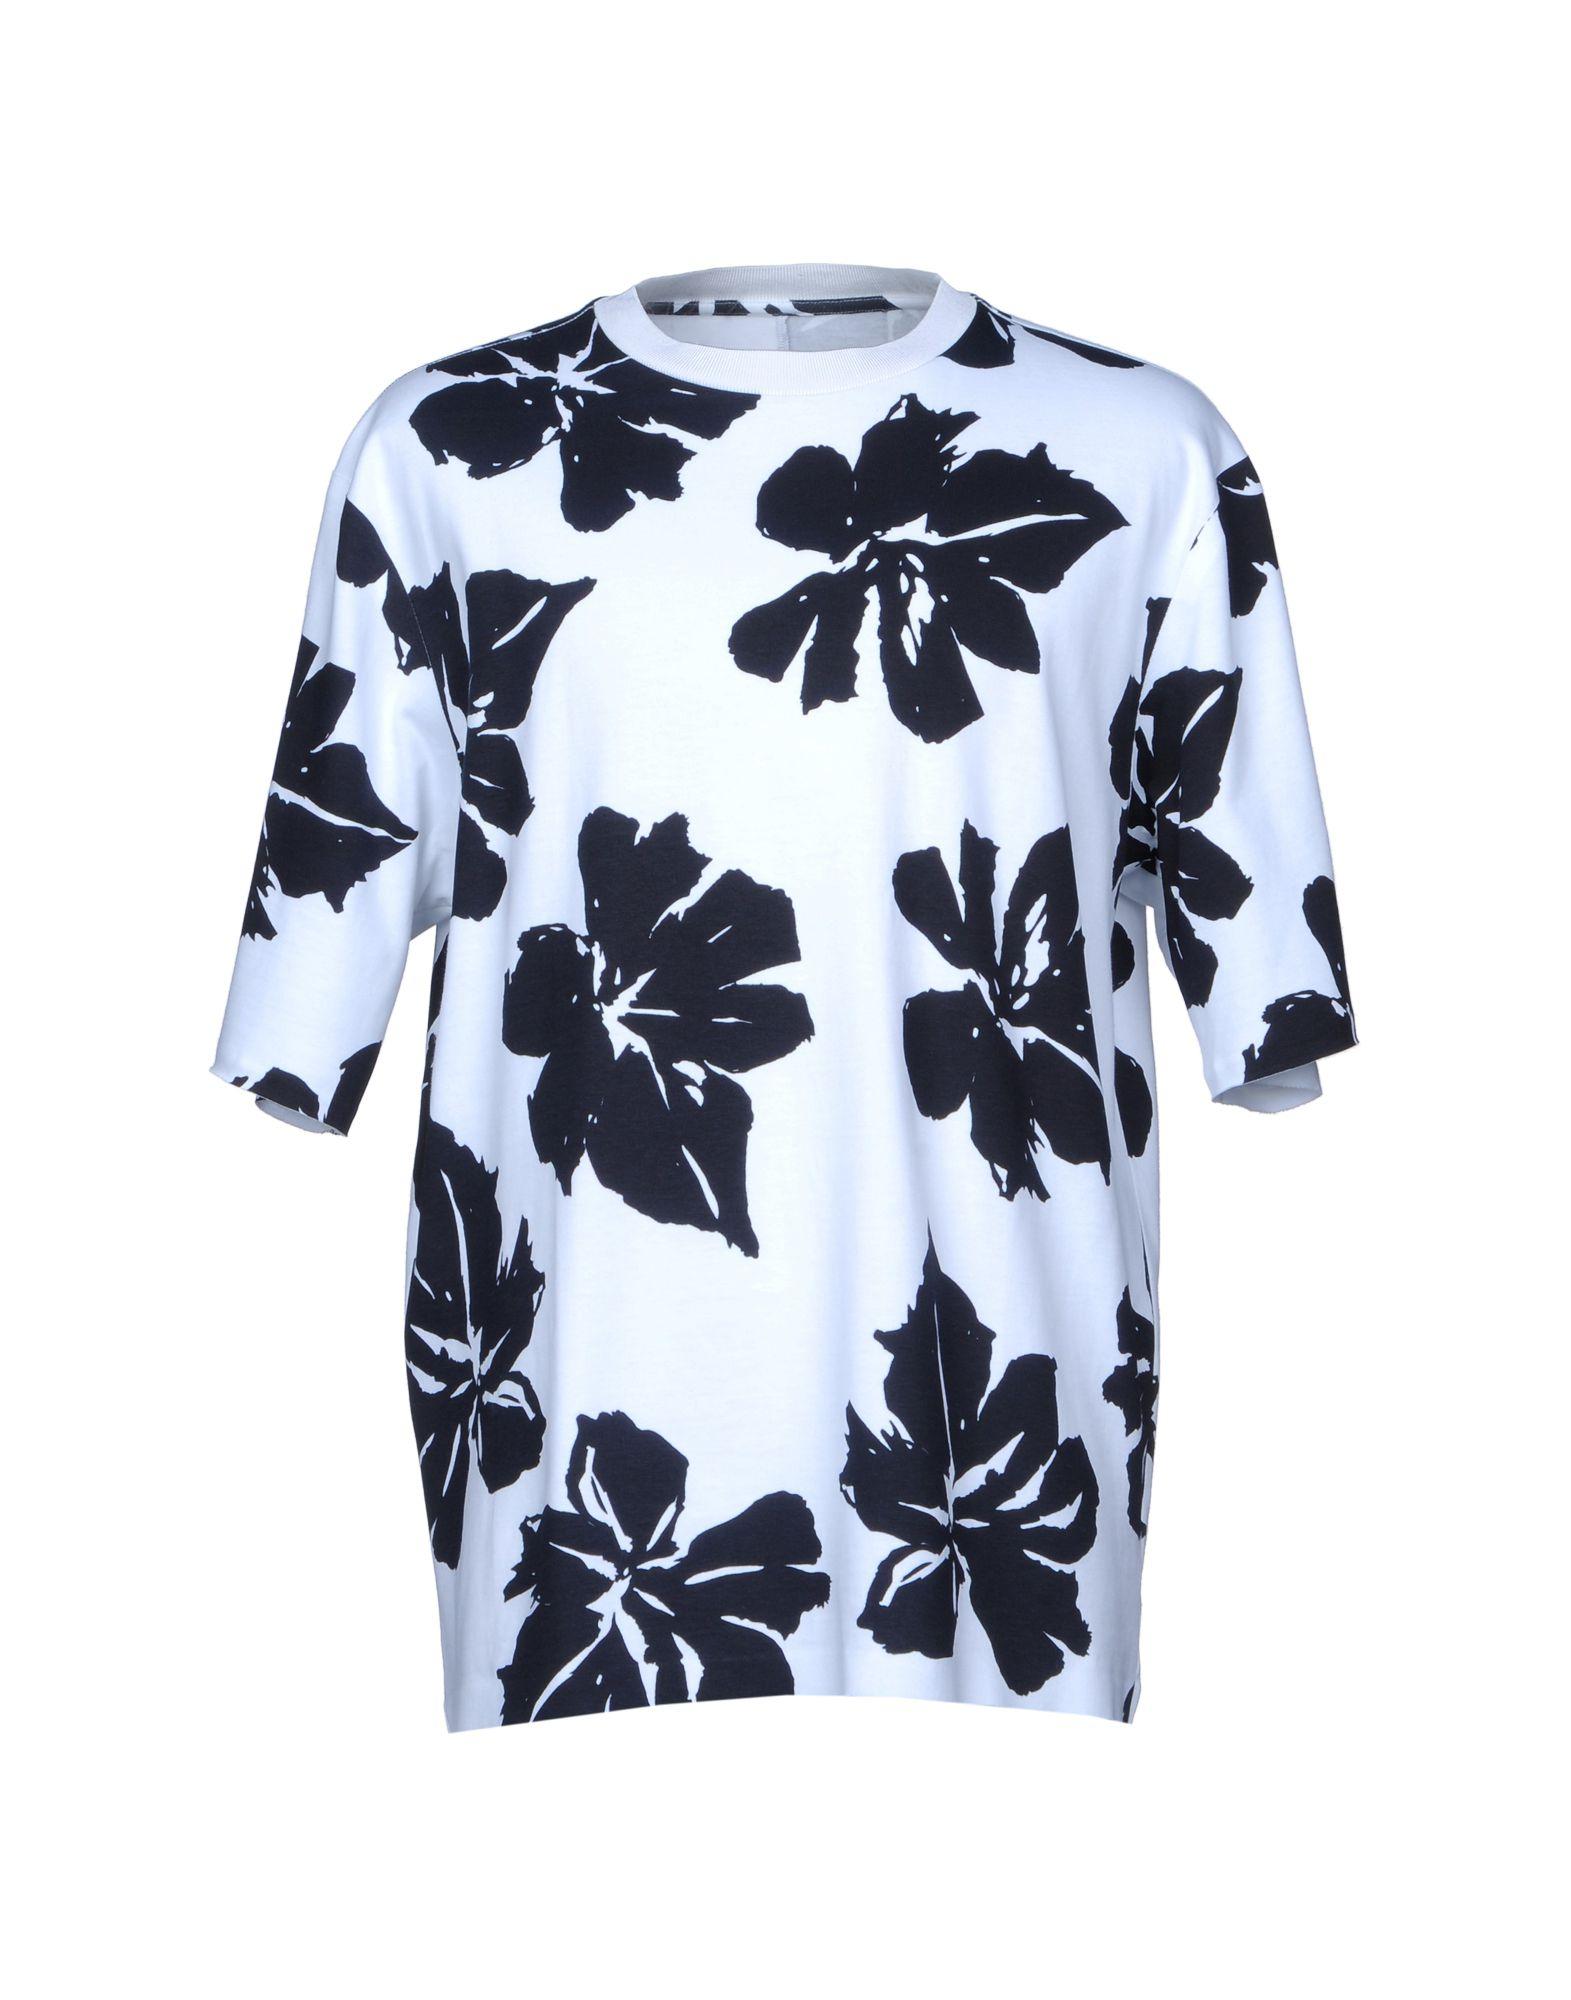 OAMC Herren T-shirts Farbe Weiß Größe 6 jetztbilligerkaufen